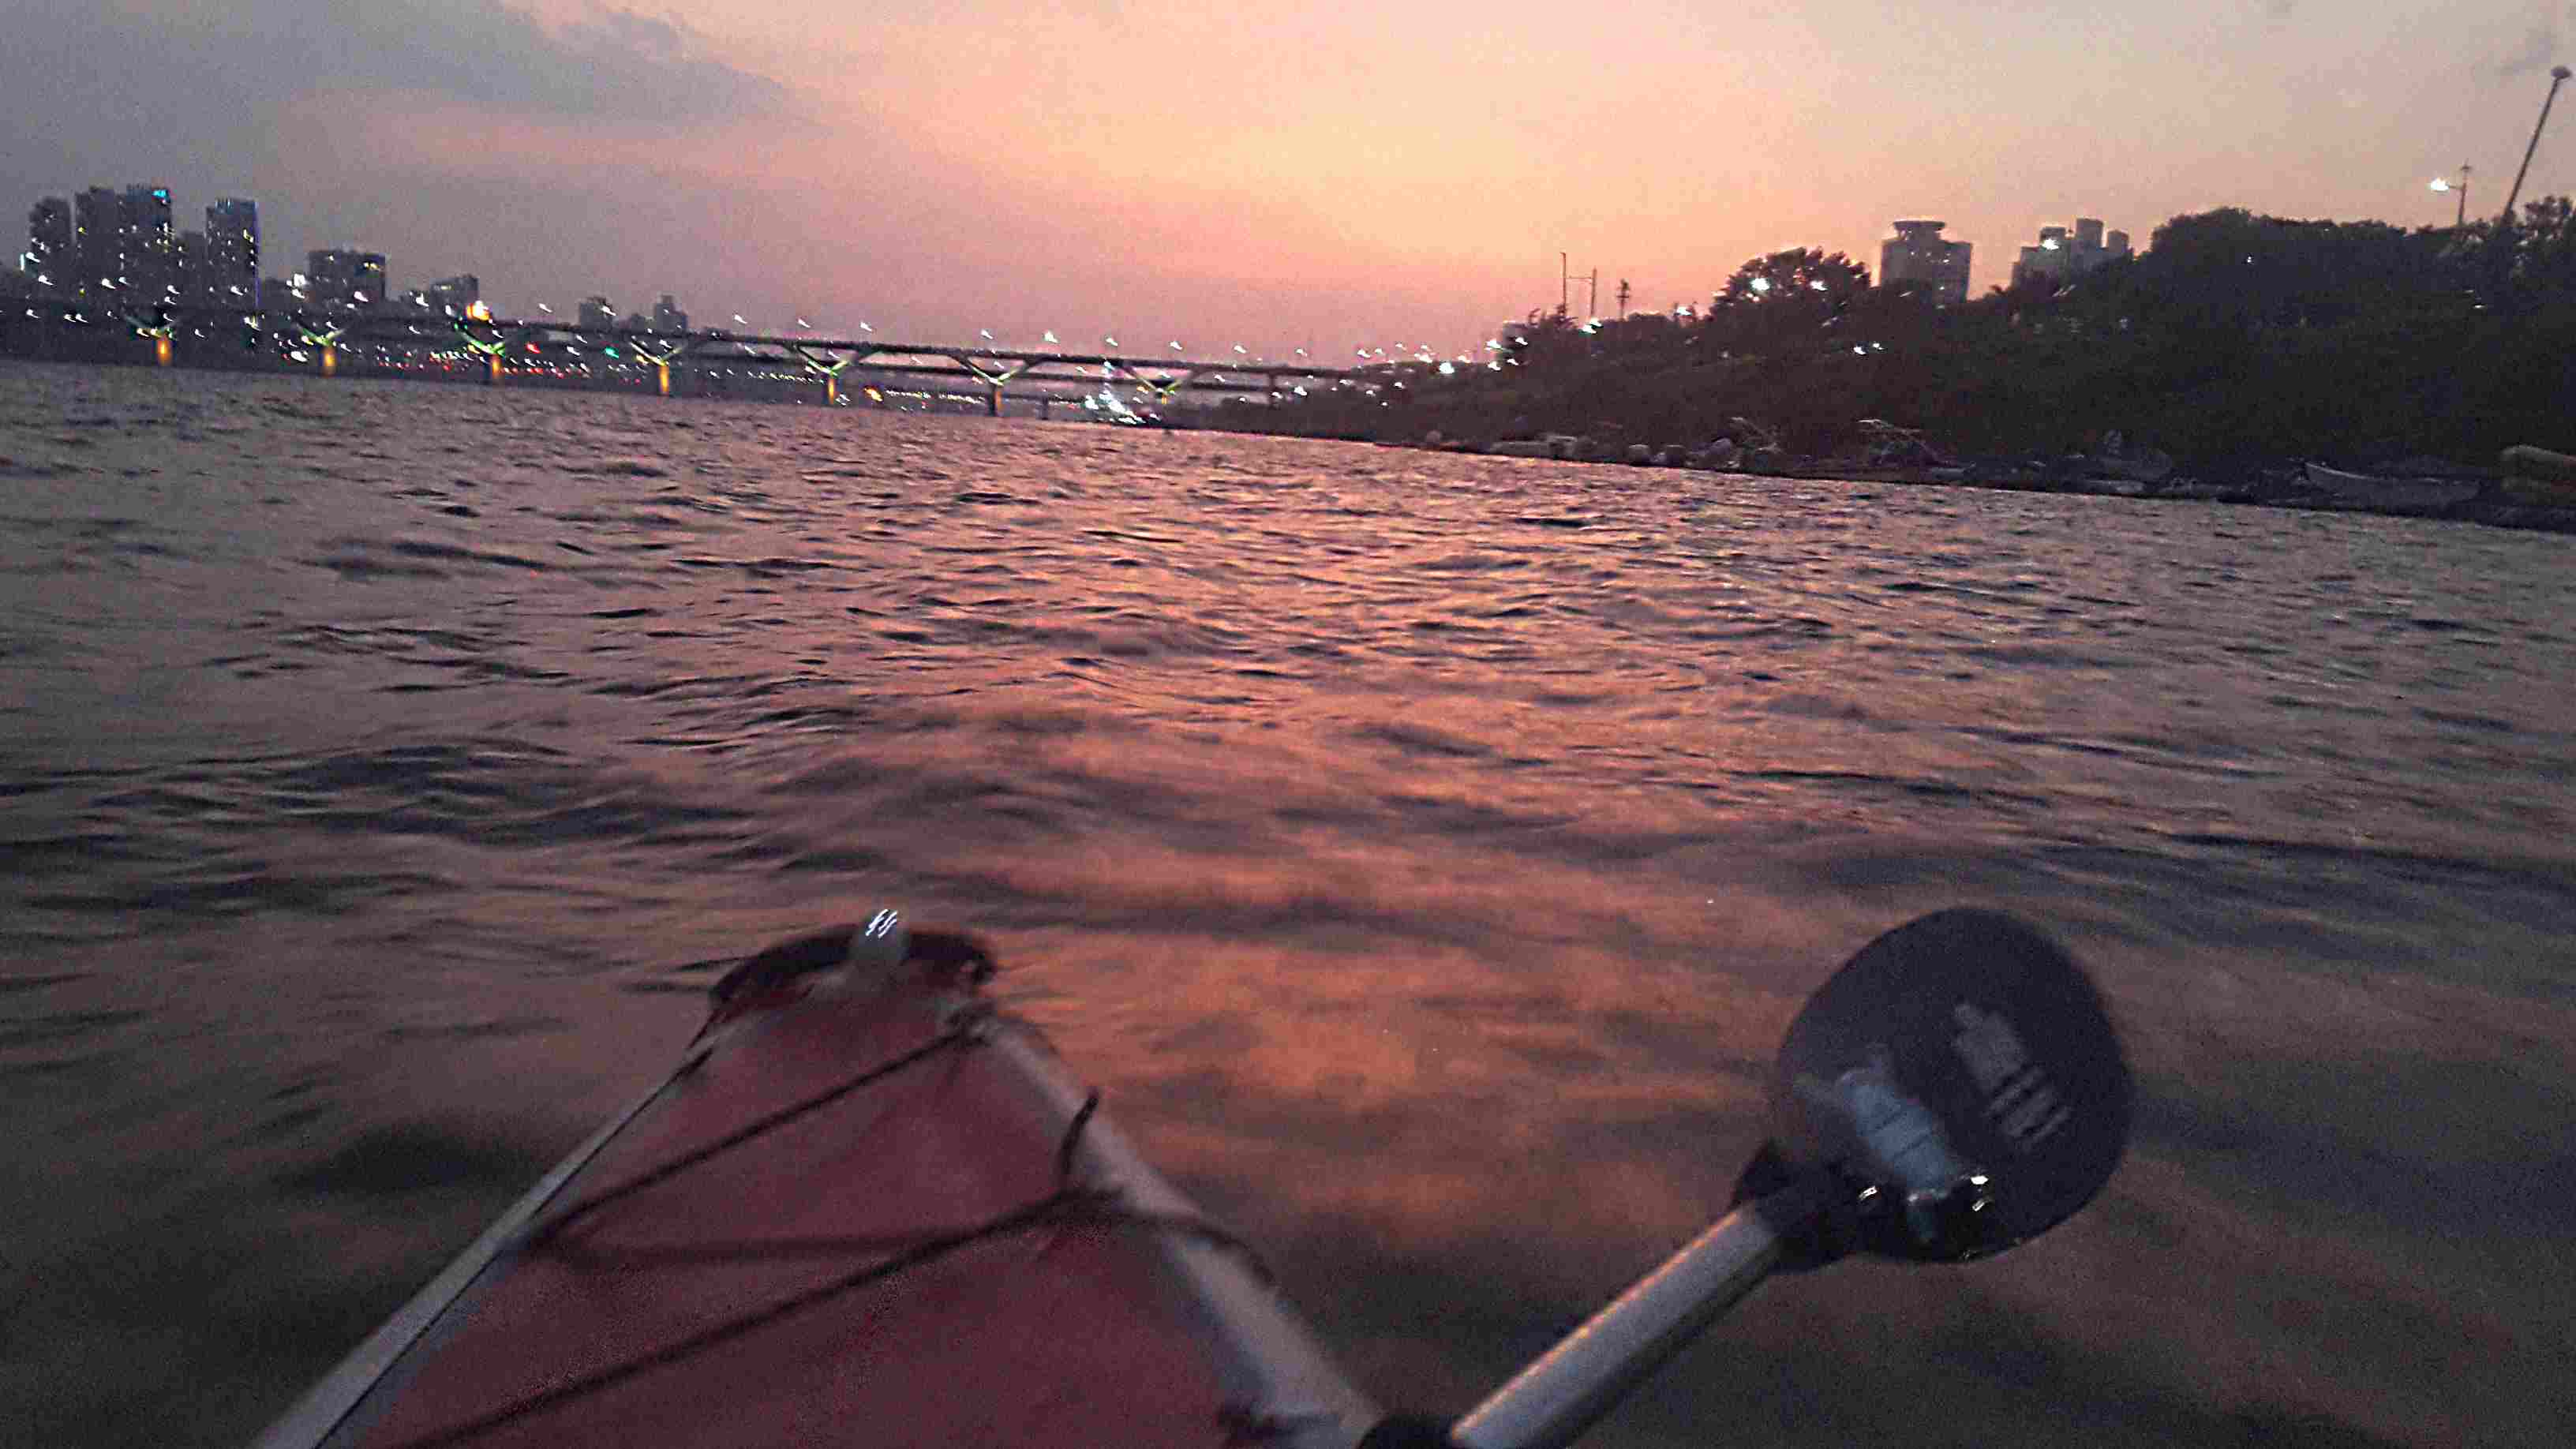 在漢江中心邊划艇邊享受落日~ 出發前教練會幫忙拍合照作紀念